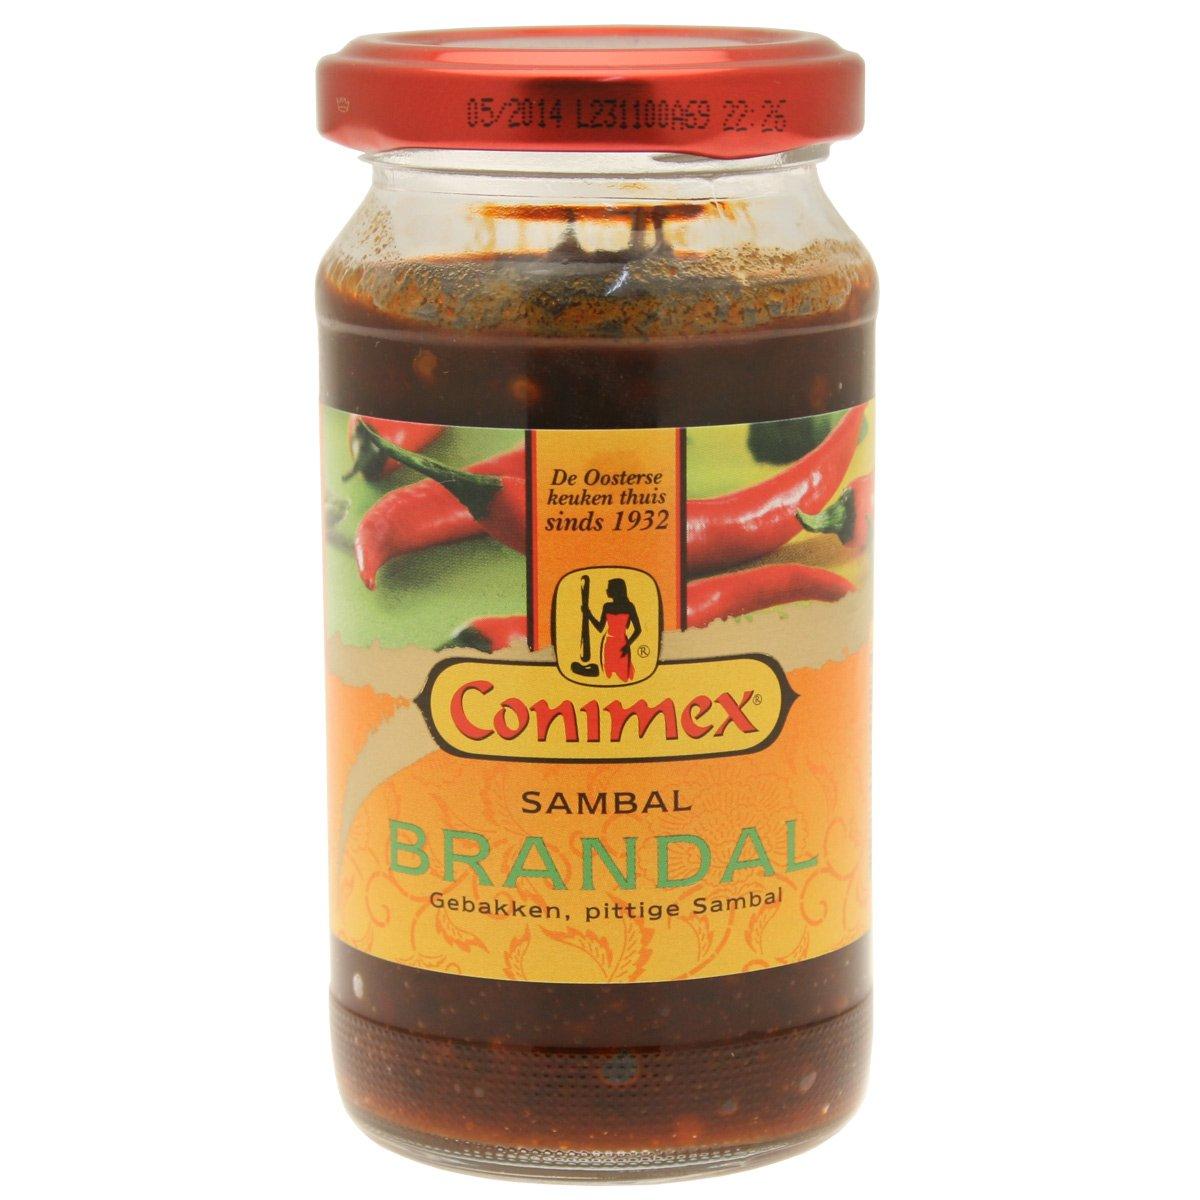 Conimex Sambal Brandal, Pasta Picante, 200 g: Amazon.es: Alimentación y bebidas